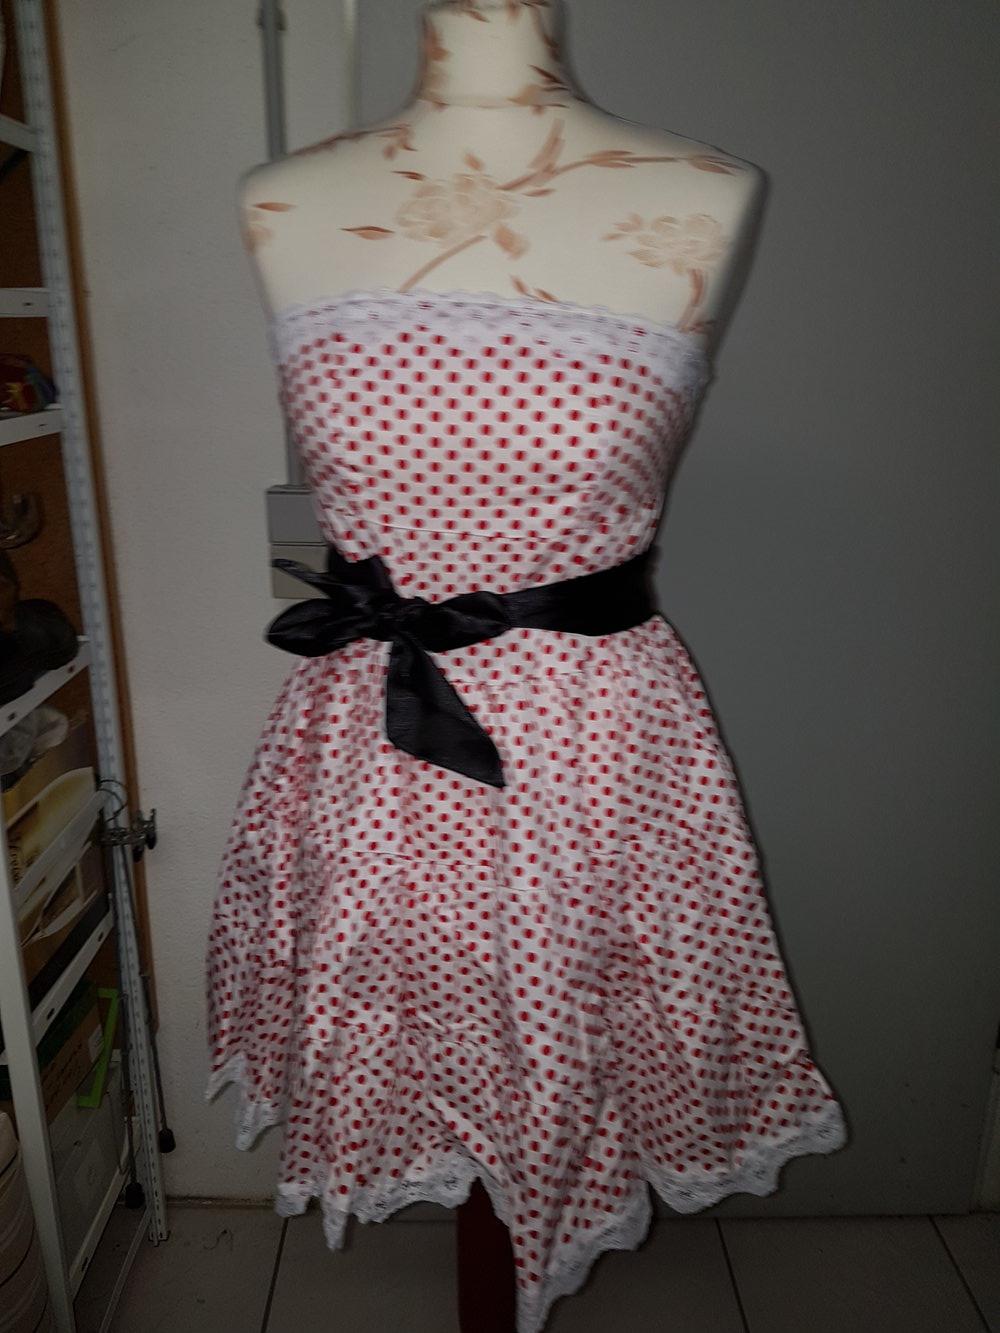 459eaaa88647 ... Kleid in weiß mit süßen Pünktchen Rockabella Rockabilly und schwarzem  Band ...